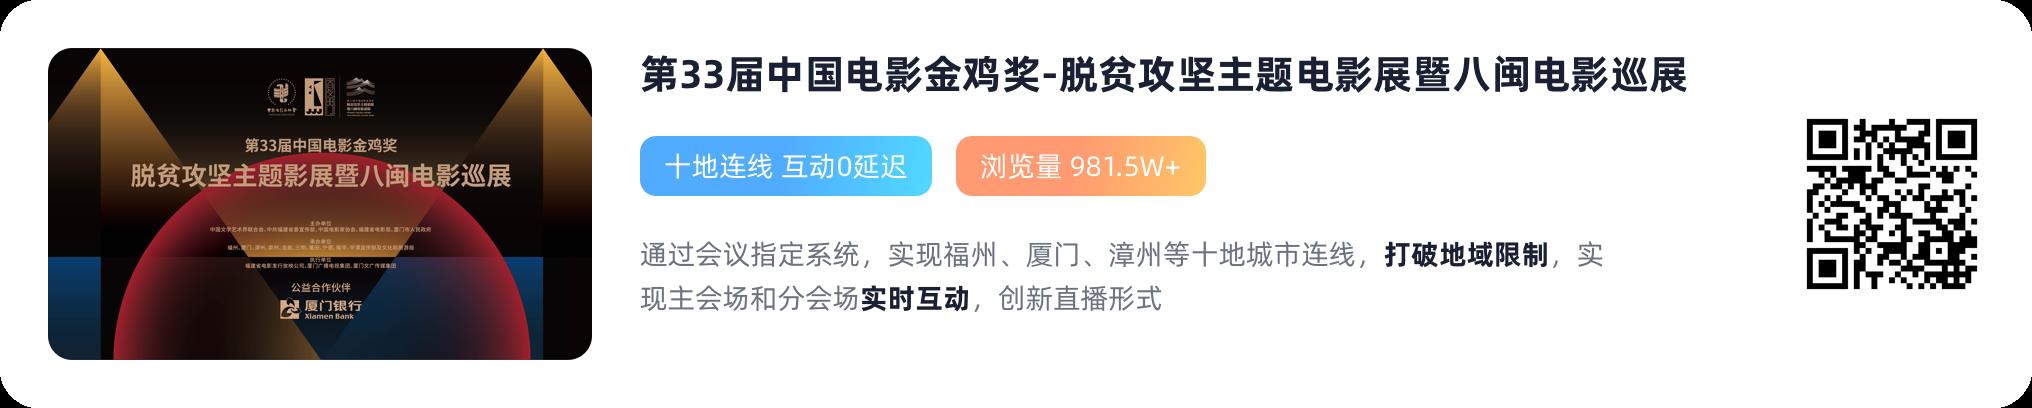 第33届中国电影金鸡奖-脱贫攻坚主题电影展暨八闽电影巡展